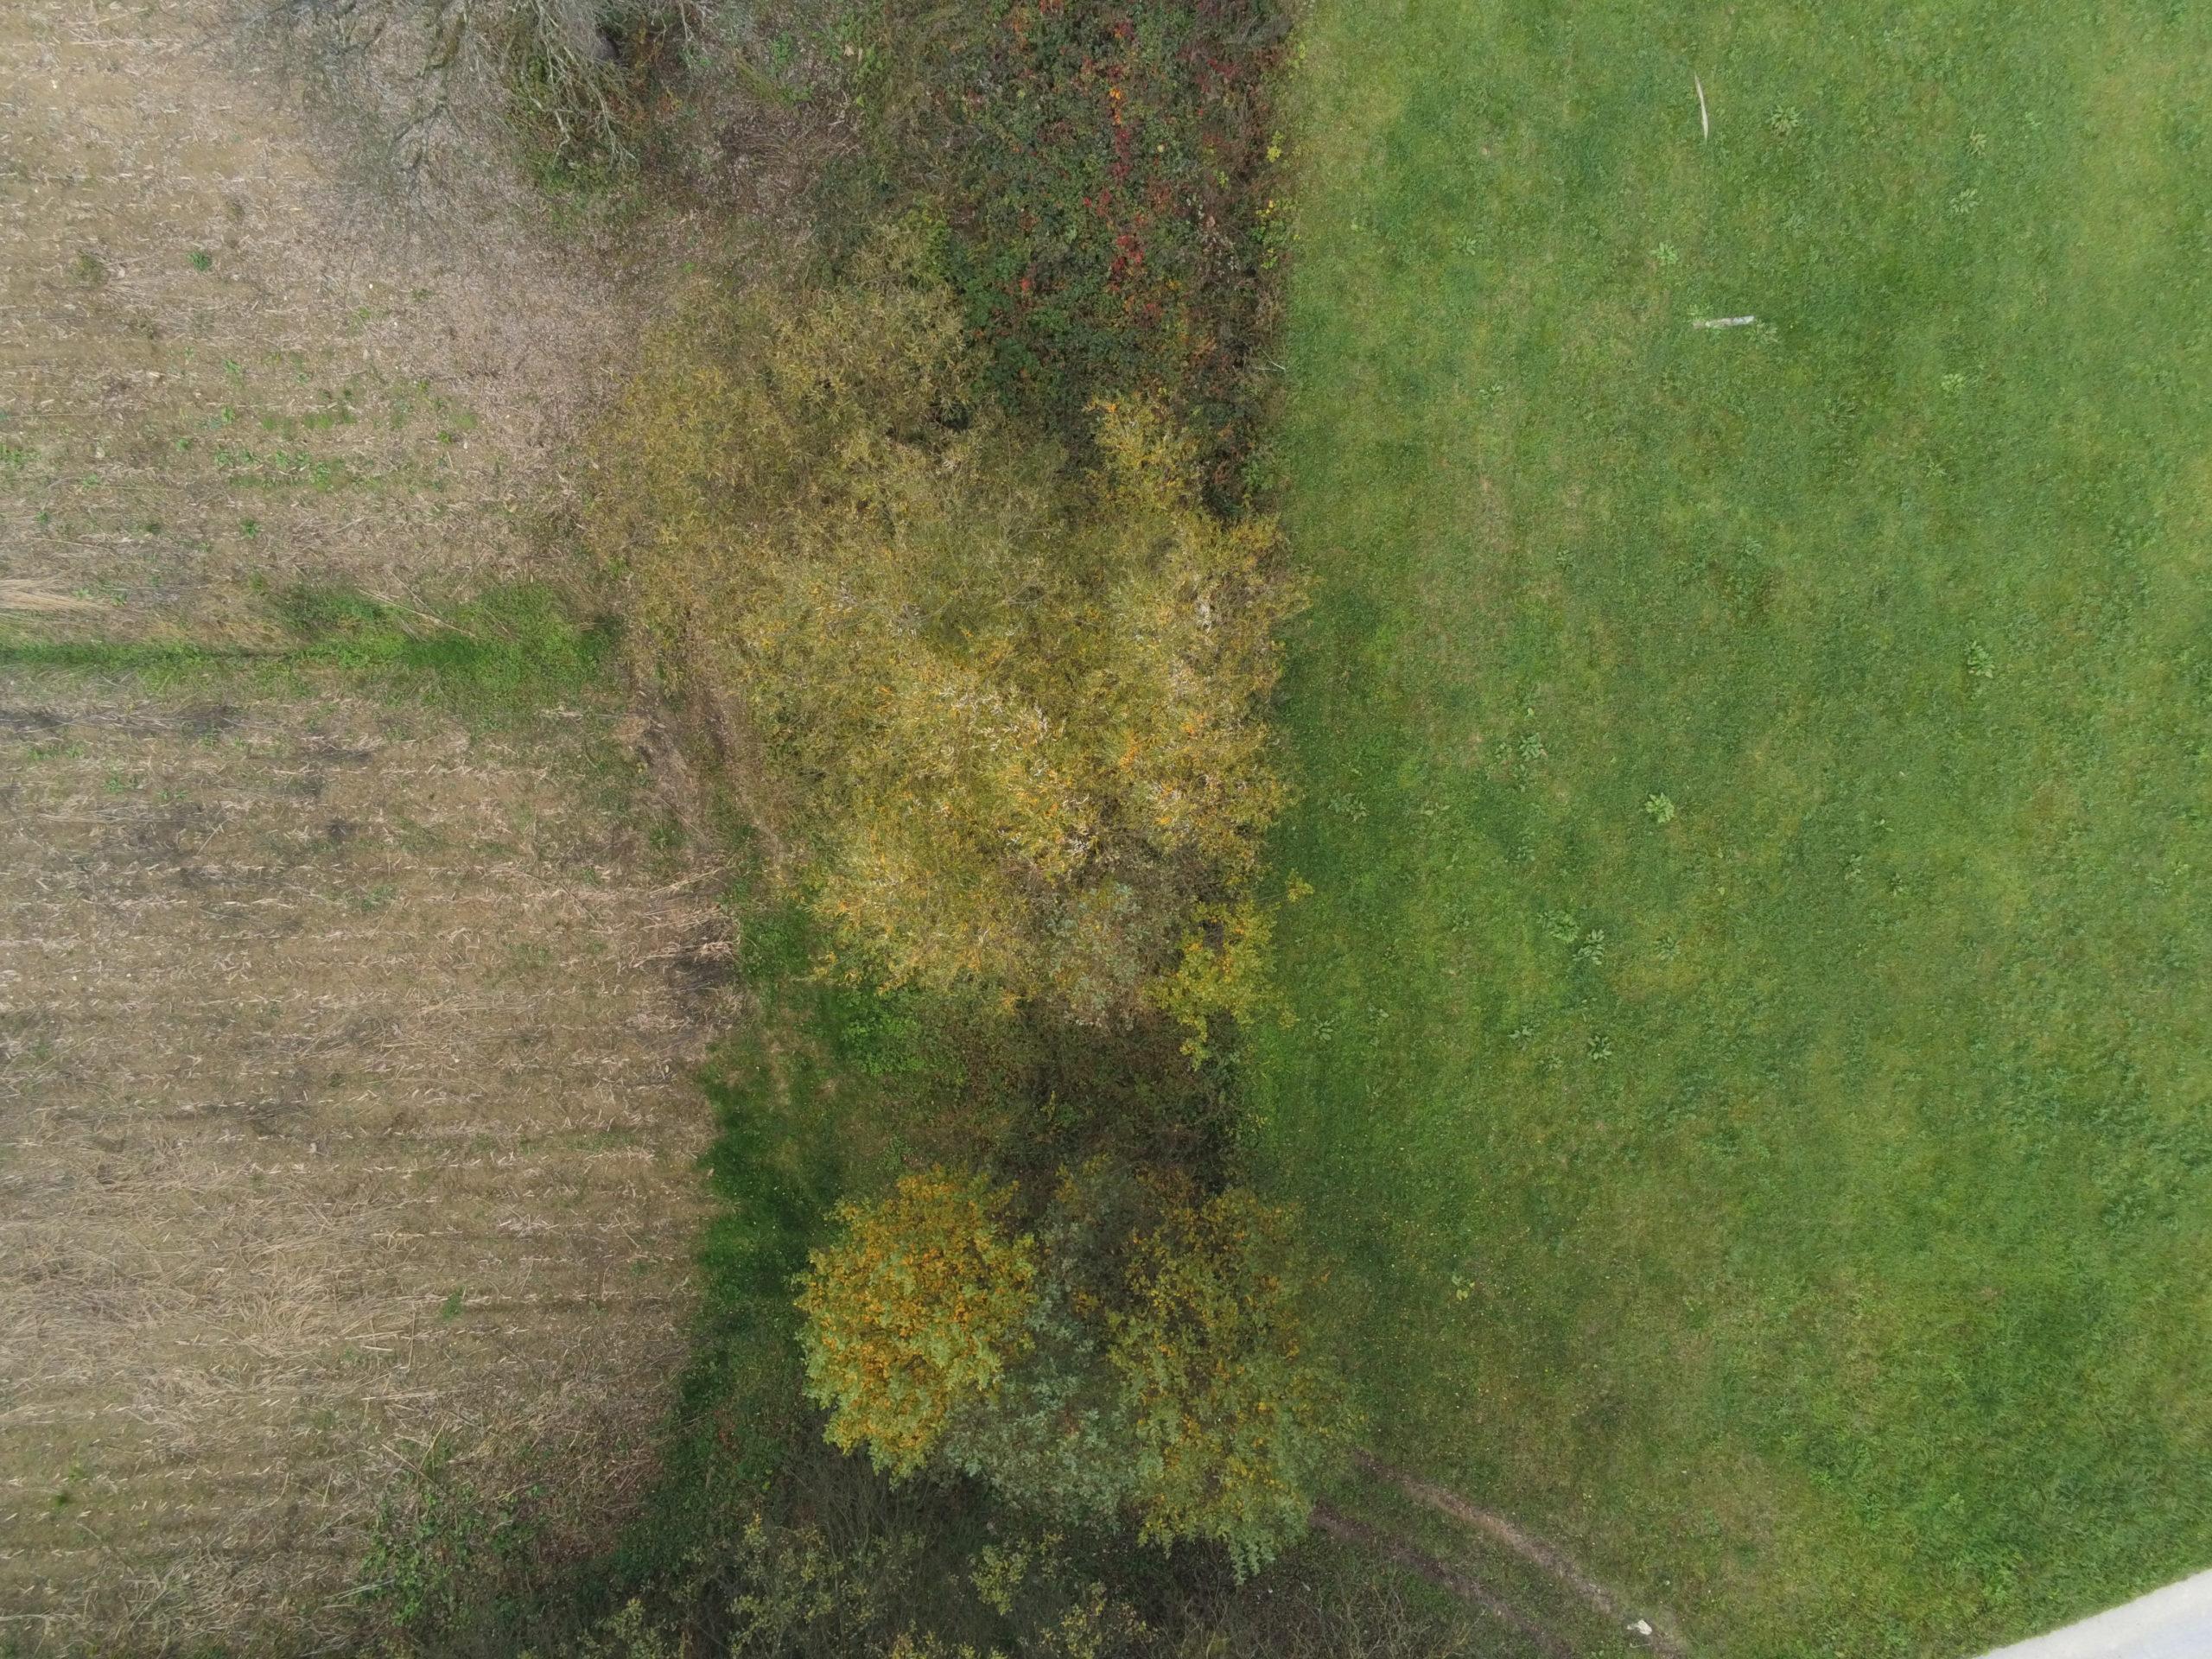 Glogova 2 - Drone